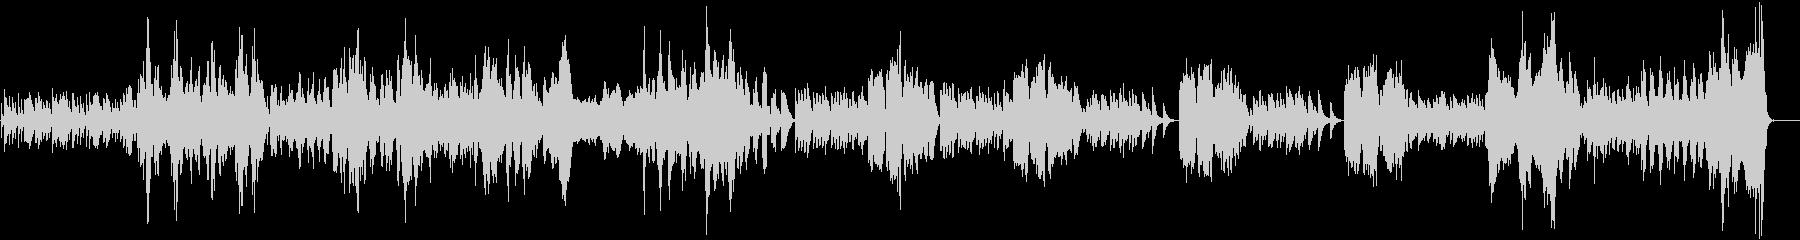 生演奏バロック風モーツァルトのソナタ2章の未再生の波形